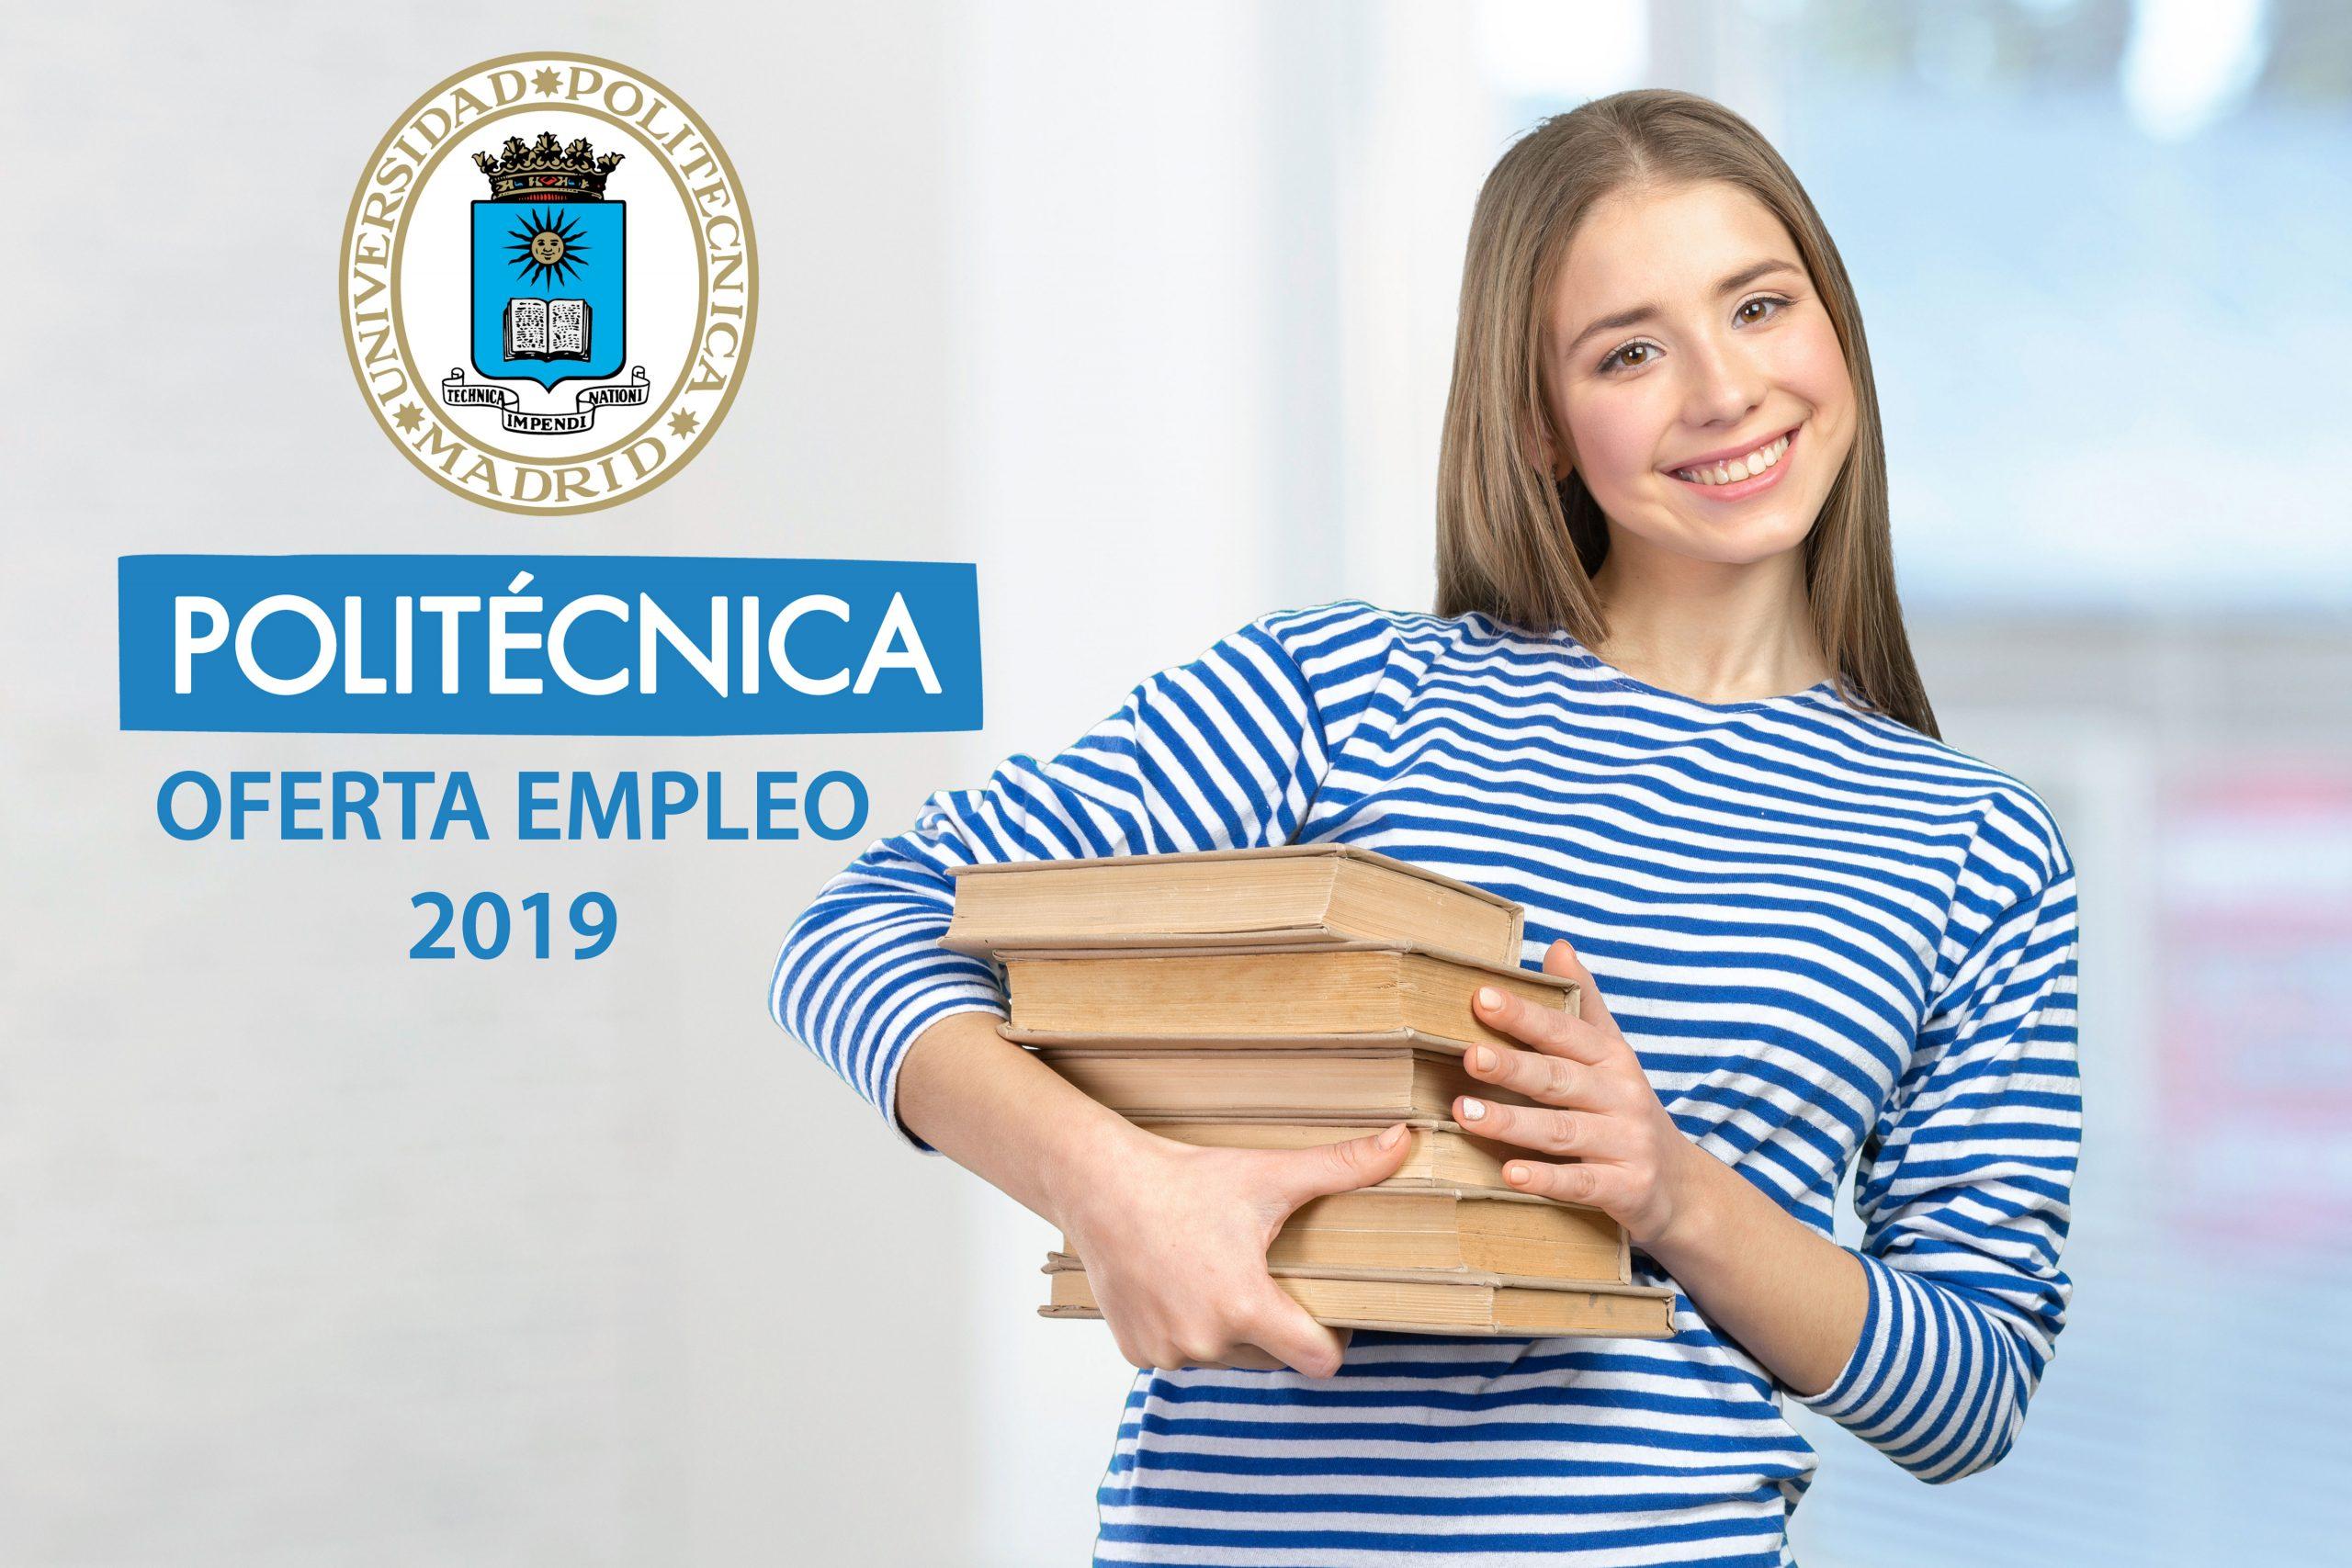 Oferta de empleo 2019 Universidad Politécnica.